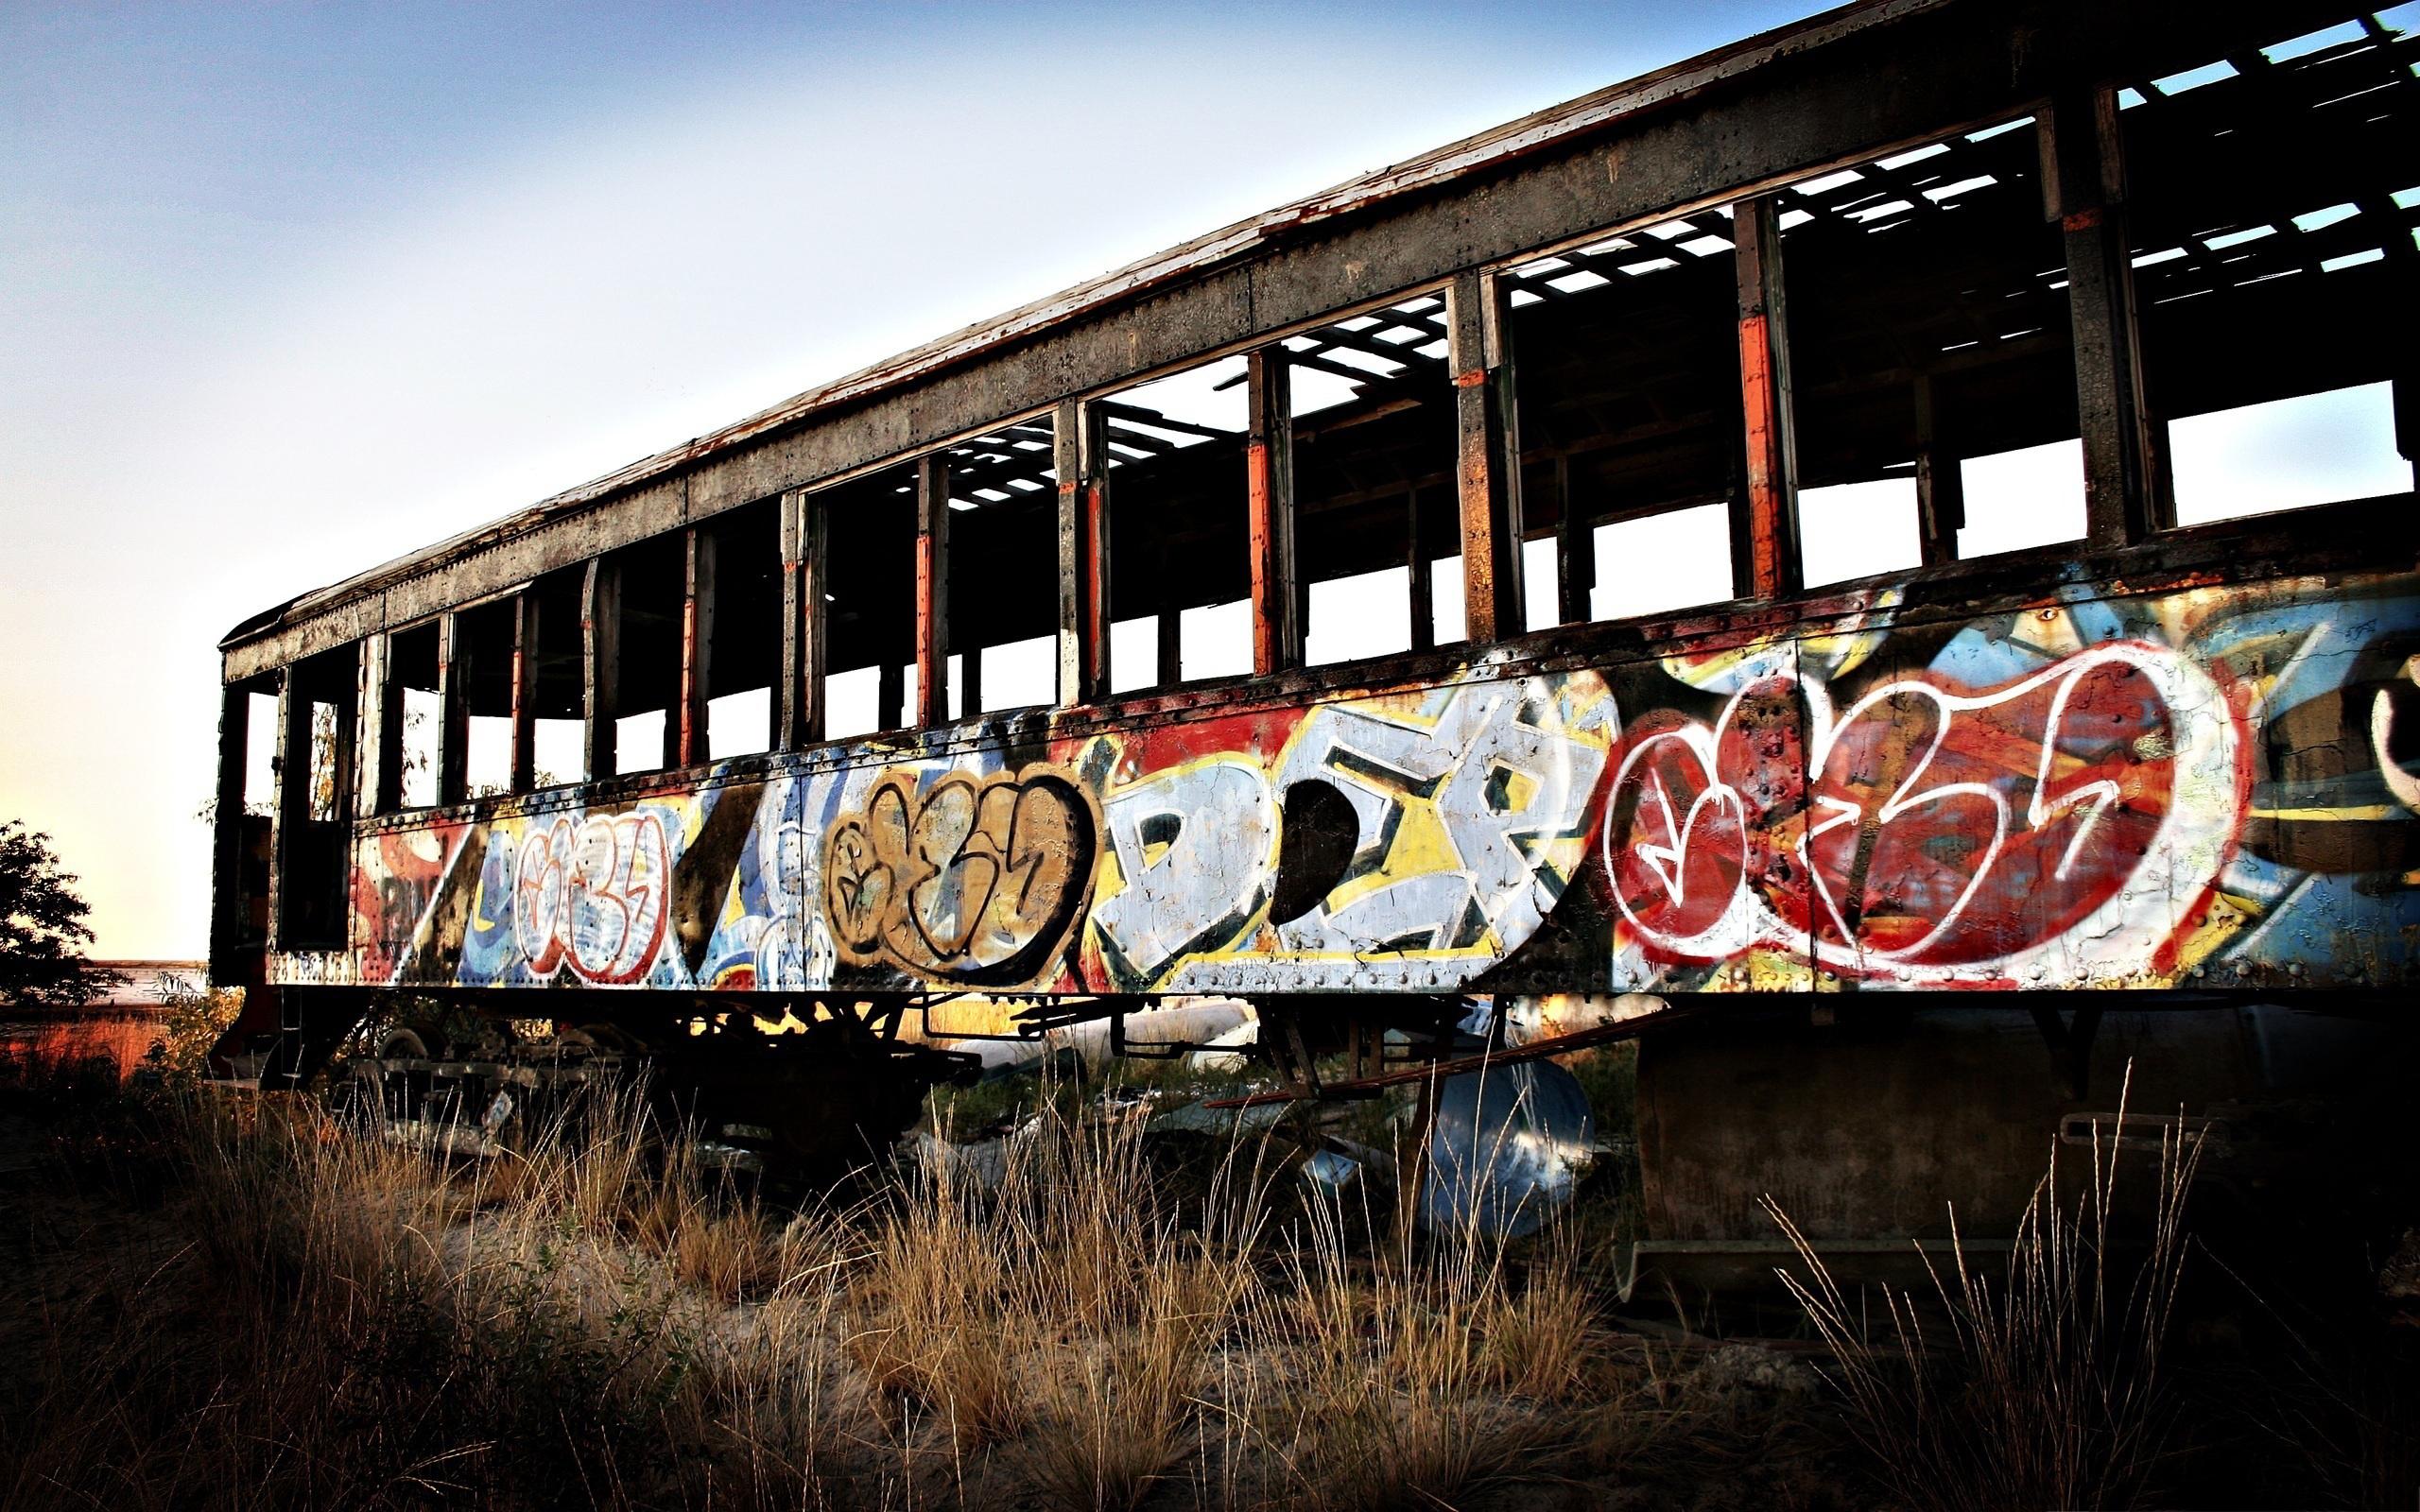 Train wagon graffiti wallpaper  2560x1600  11113